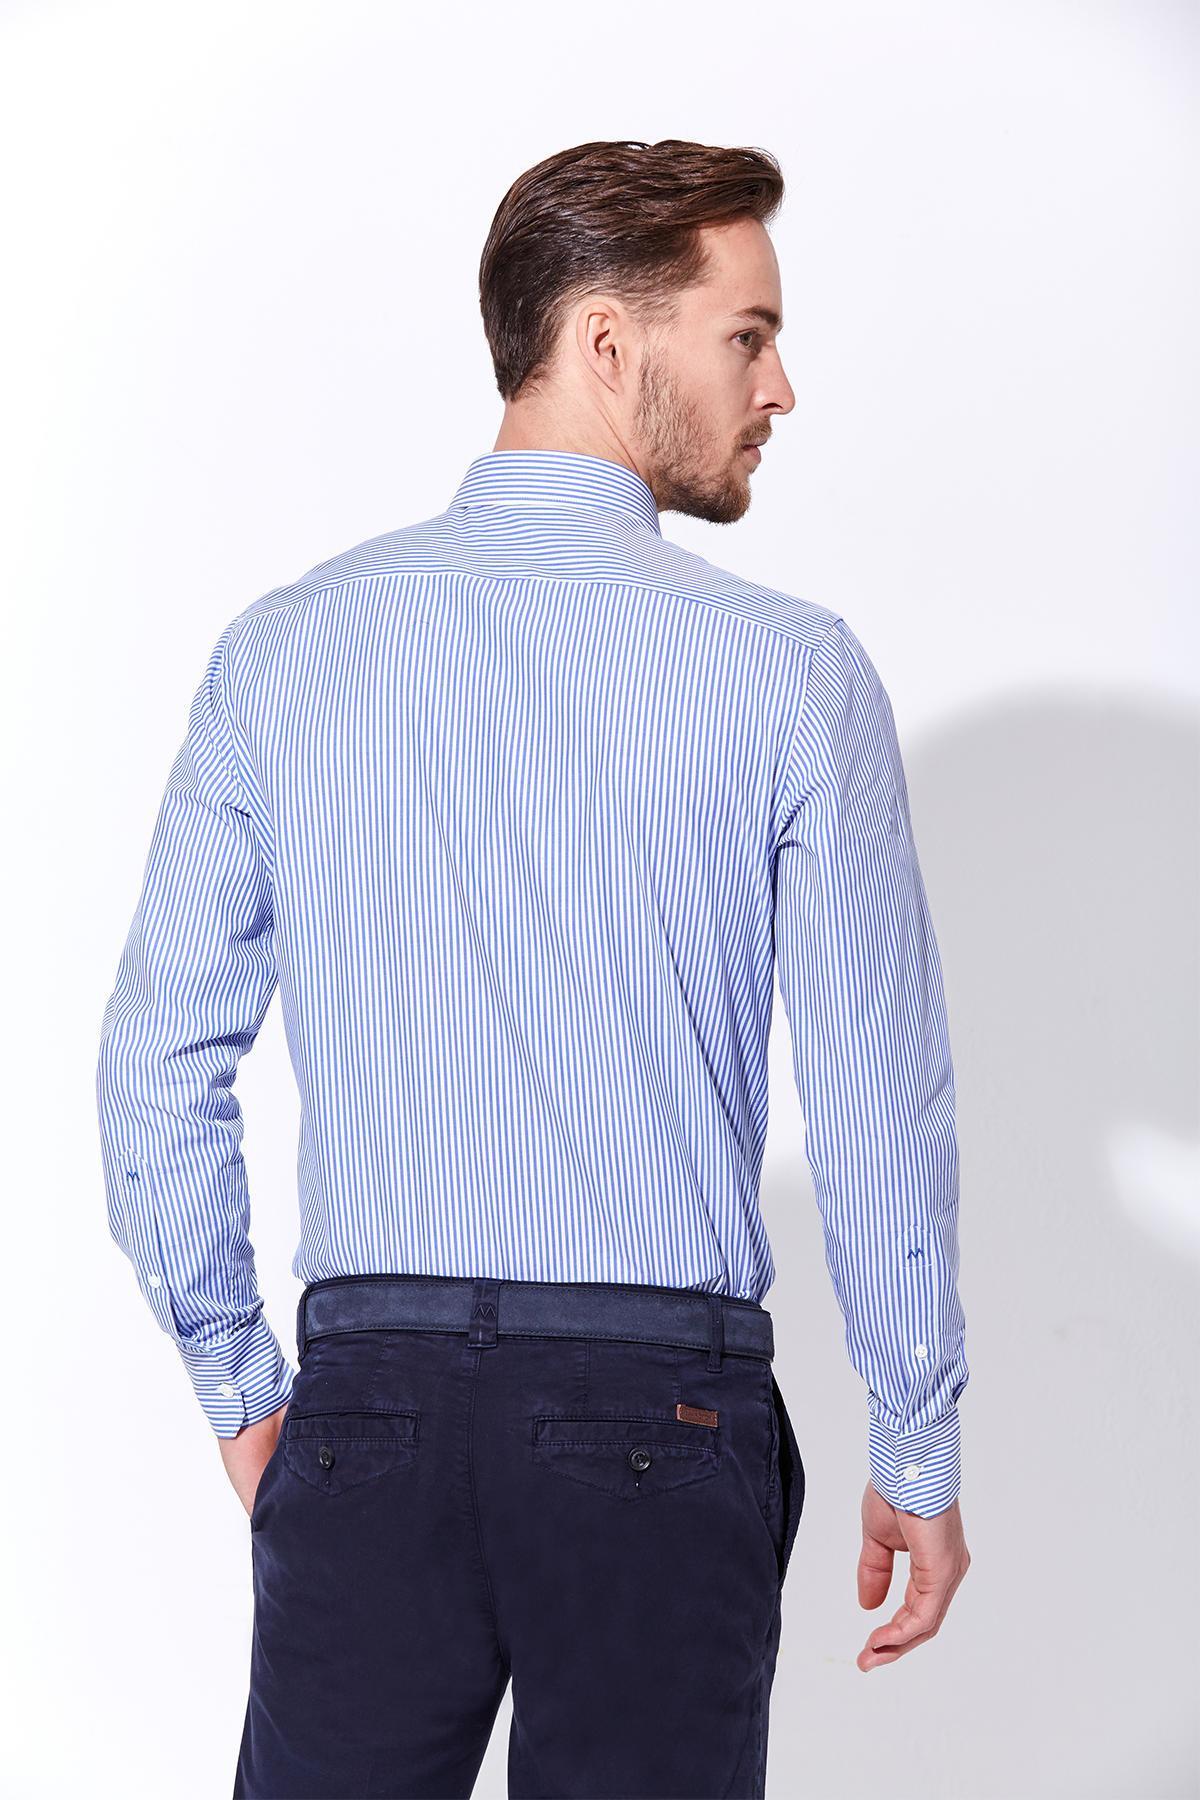 Koyu Mavi Beyaz Çizgili Pamuk Gömlek